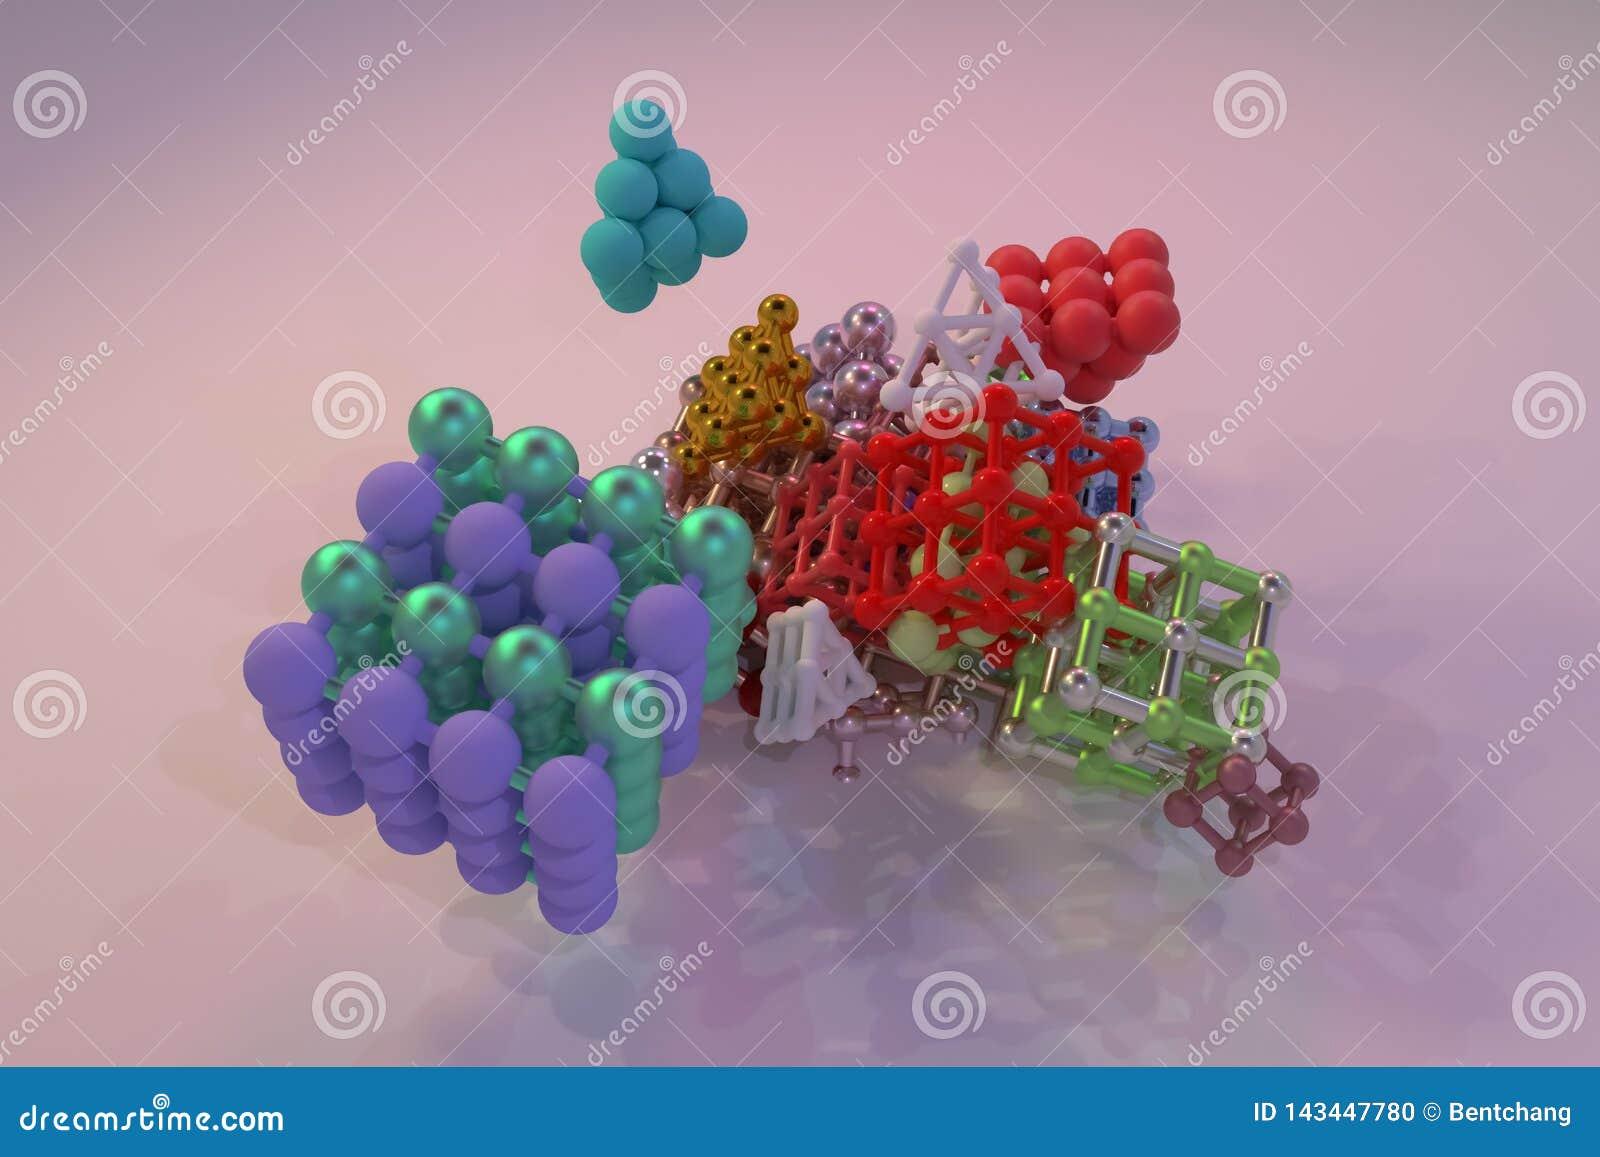 Concepture virtual geométrico, da molécula do estilo, quadrado bloqueado ou pirâmides para a textura do projeto, fundo 3d rendem